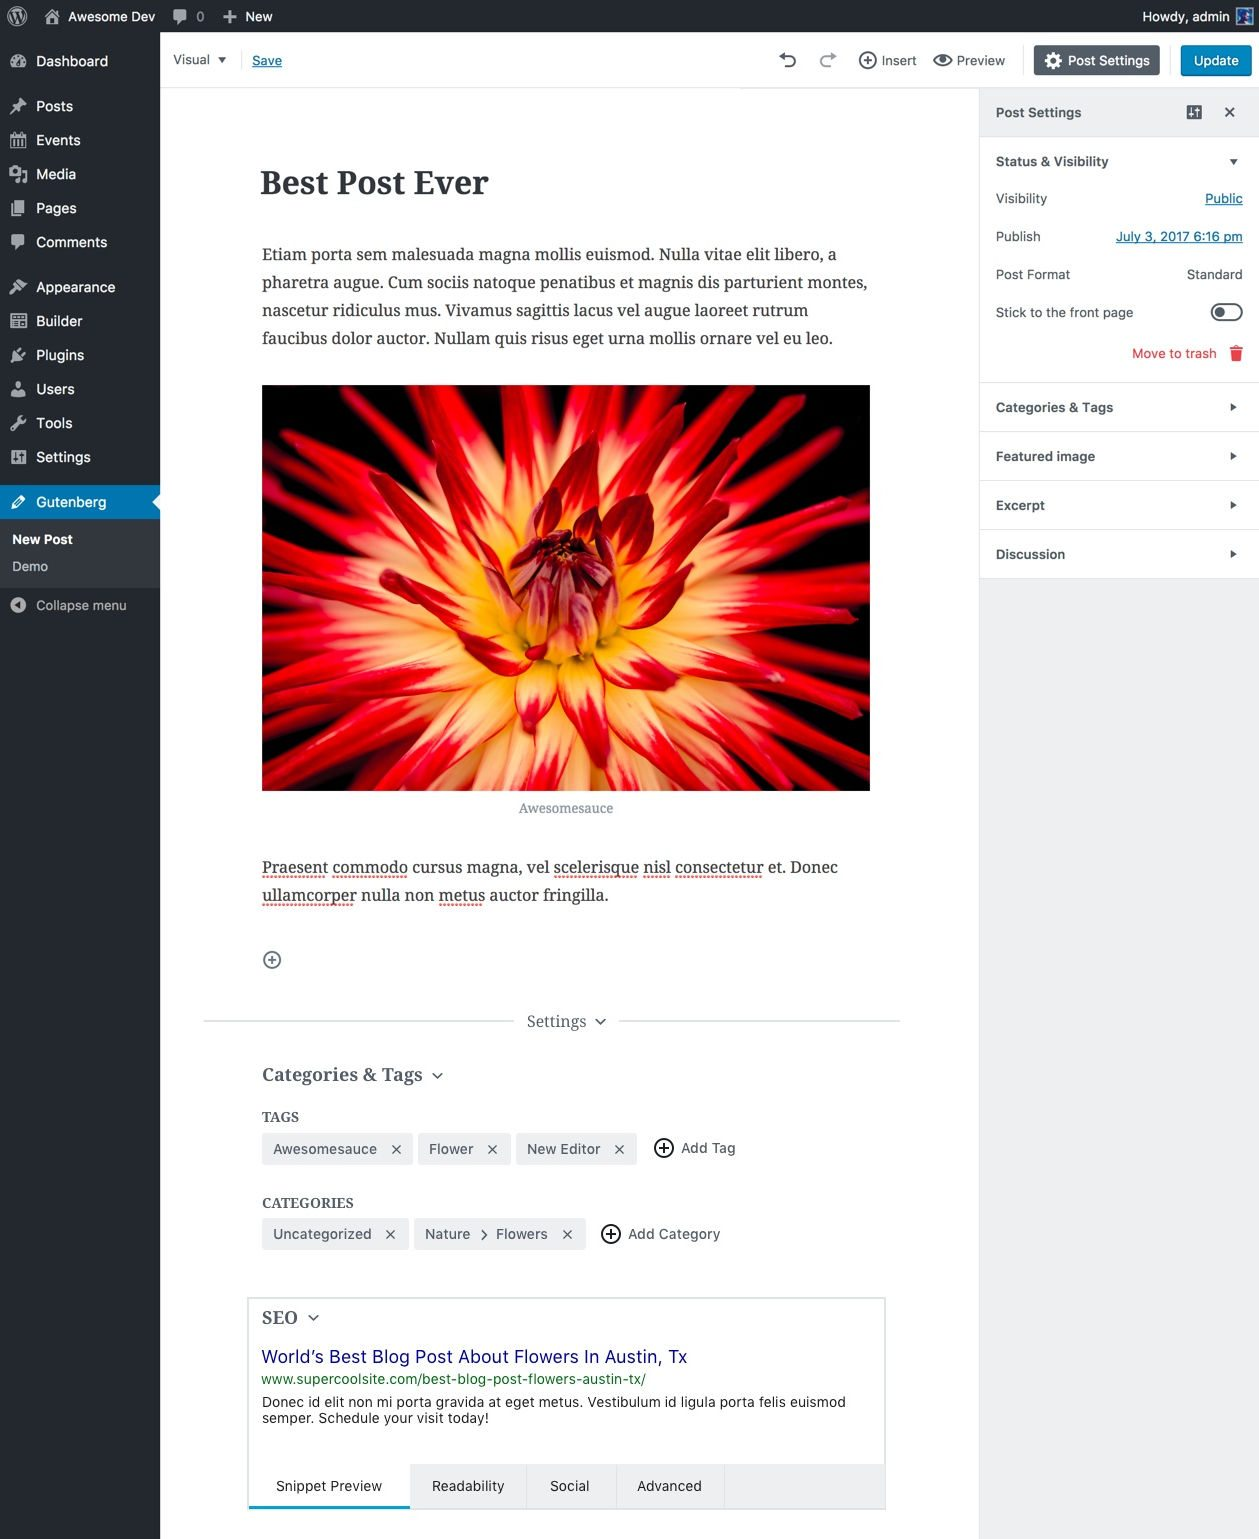 Integrando los campos de las cajas en el propio editor